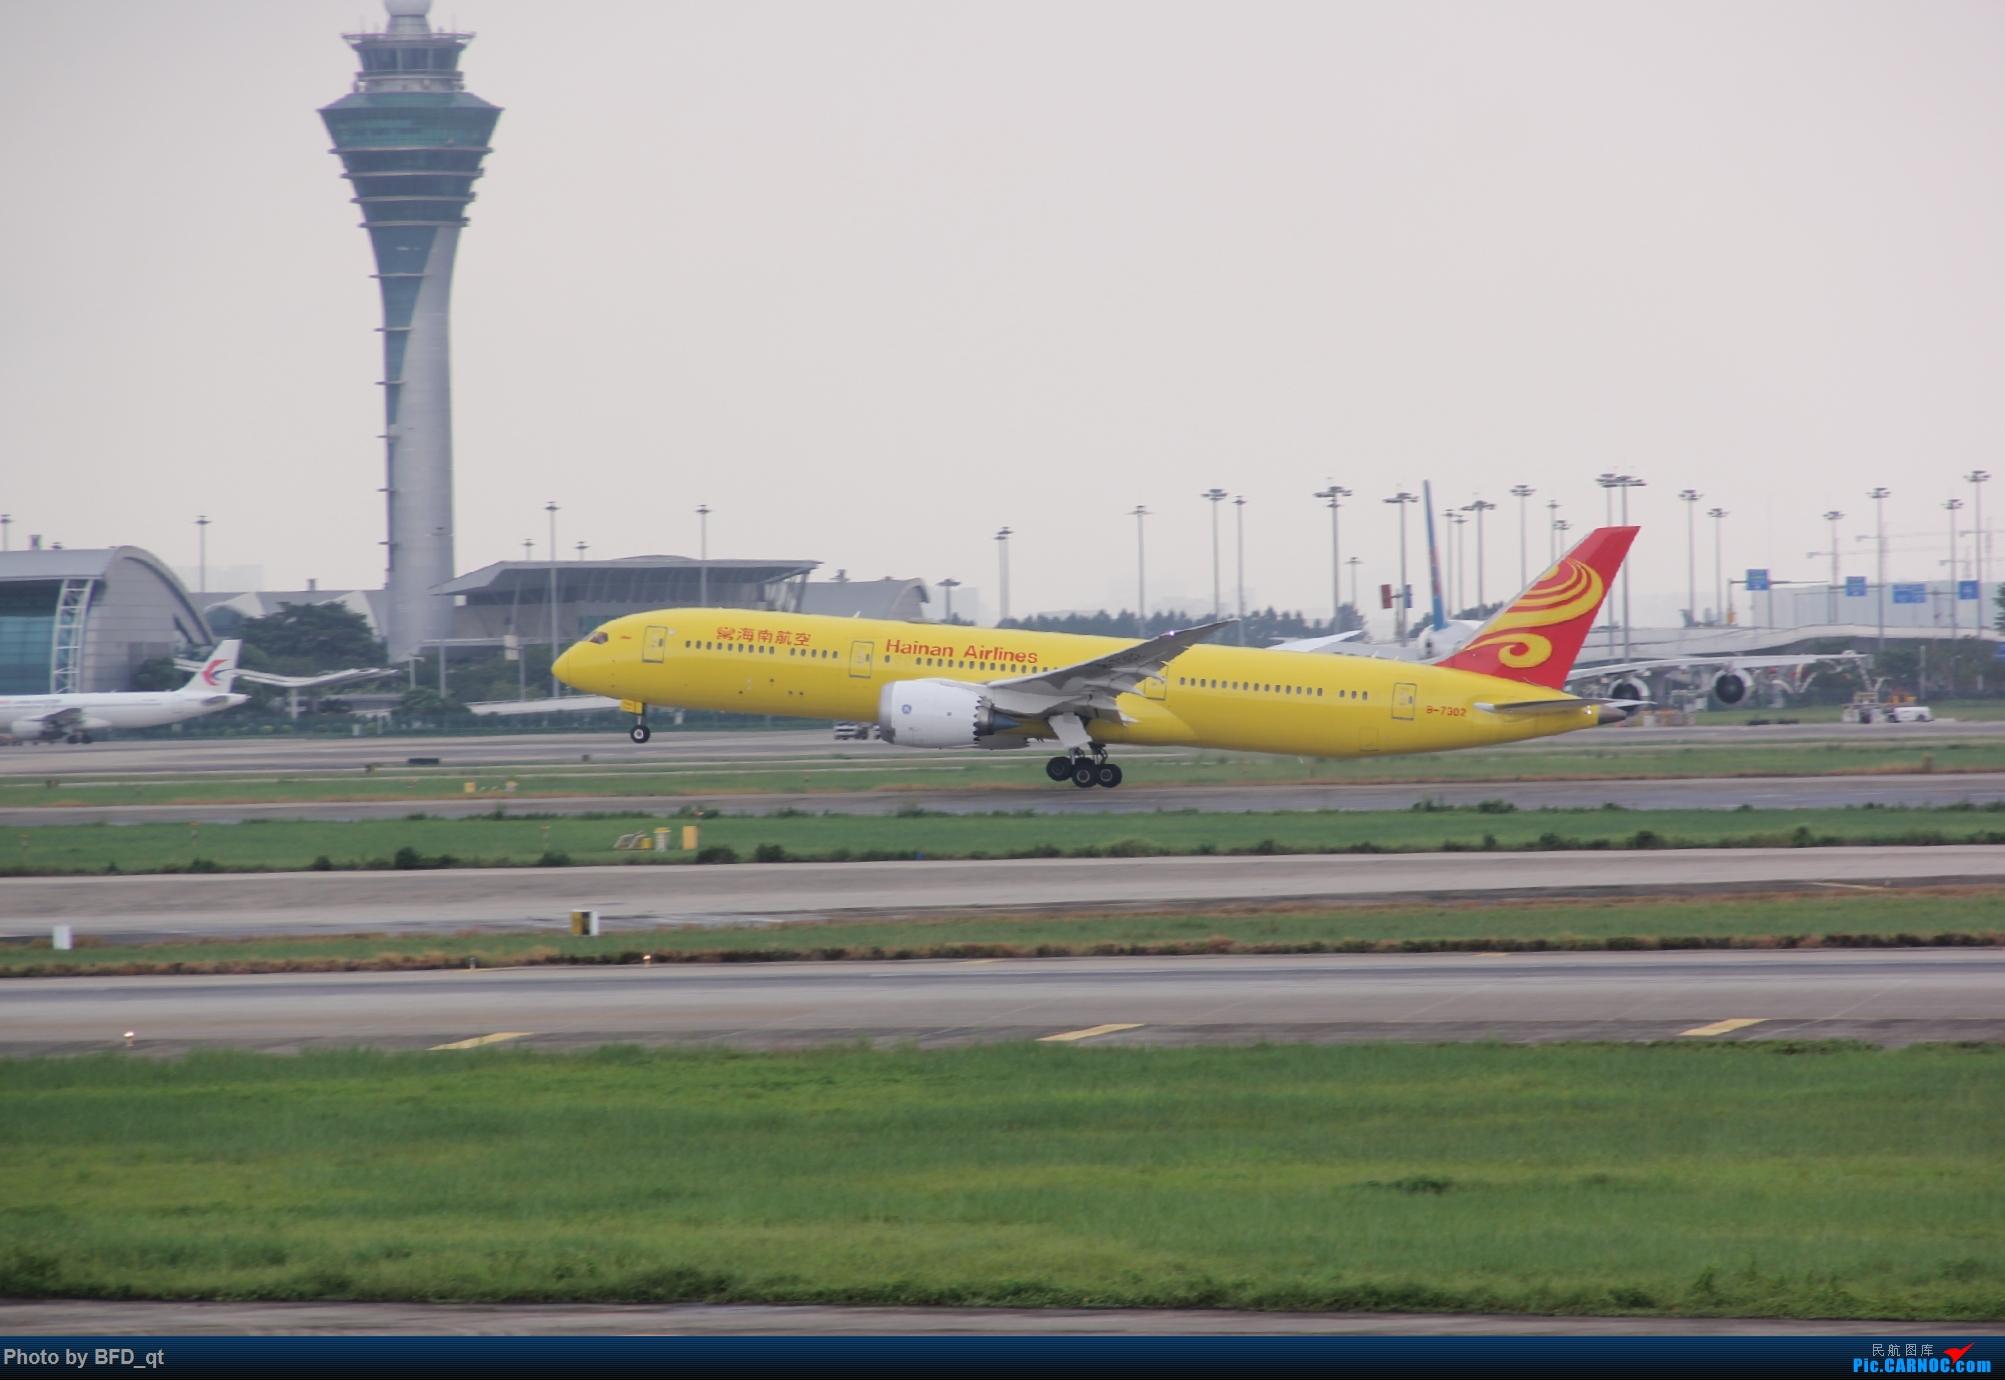 8.26白云东鬼海航789起飞 ZGGG/CAN BOEING 787-9 B-7302 中国广州白云国际机场